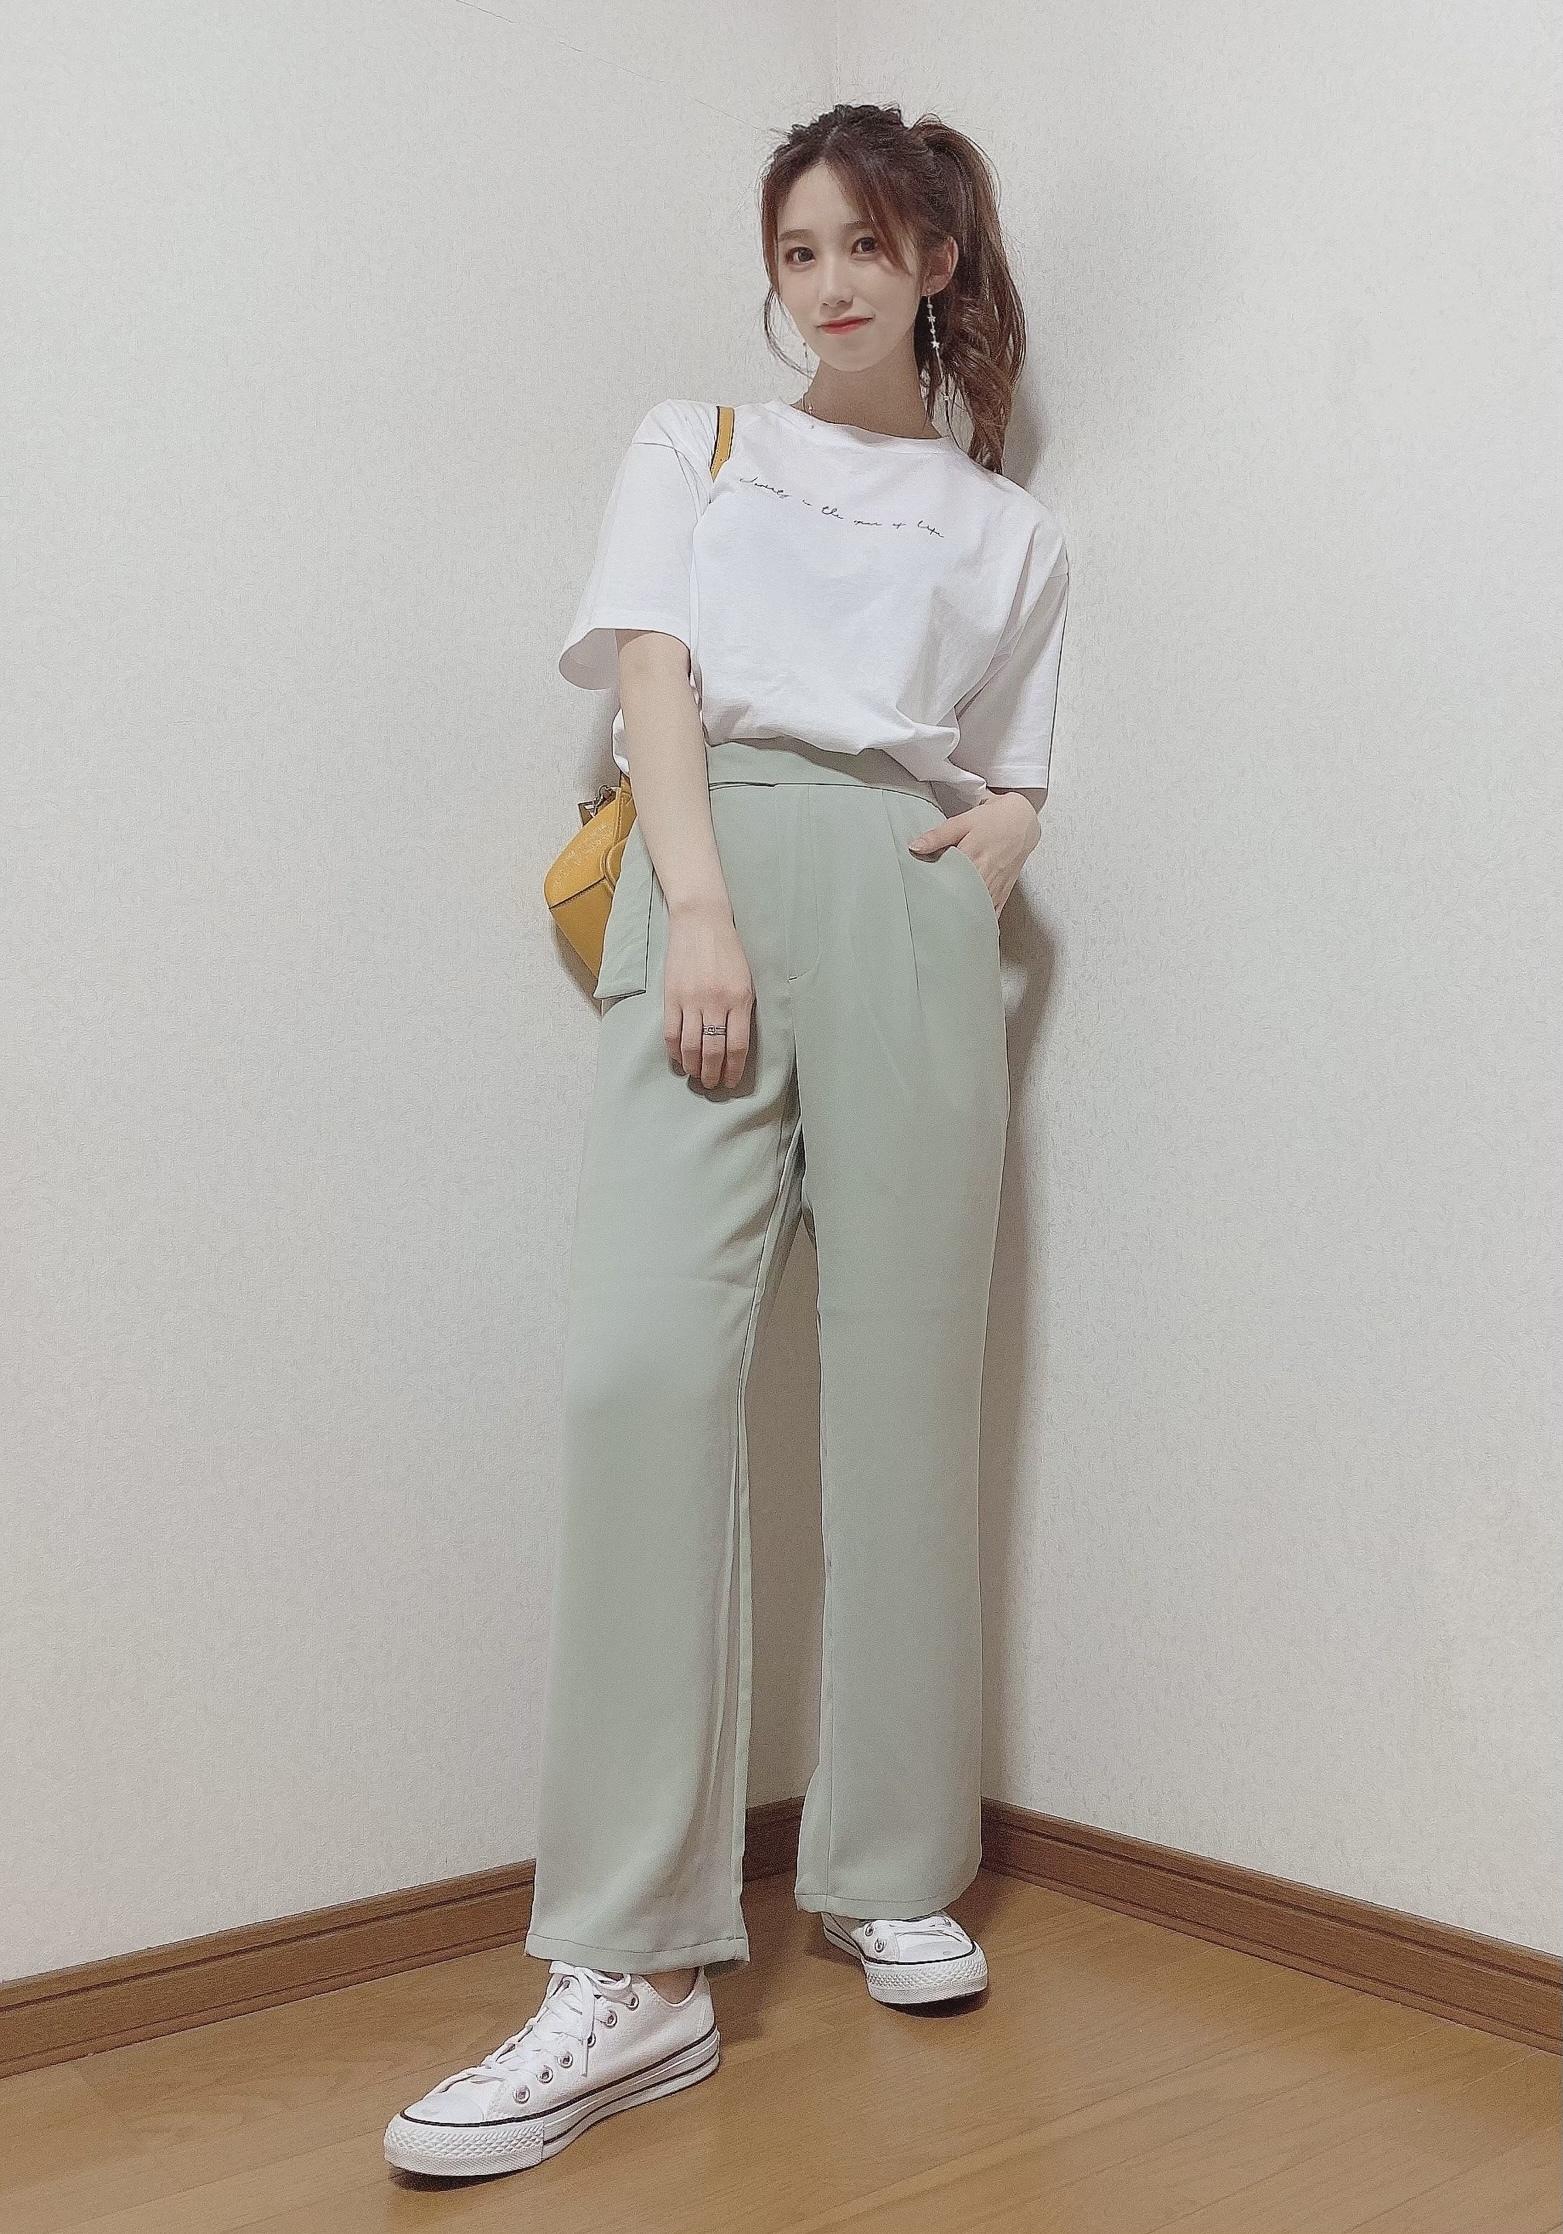 【GU】プチプラ春夏服が可愛いすぎる♡_1_3